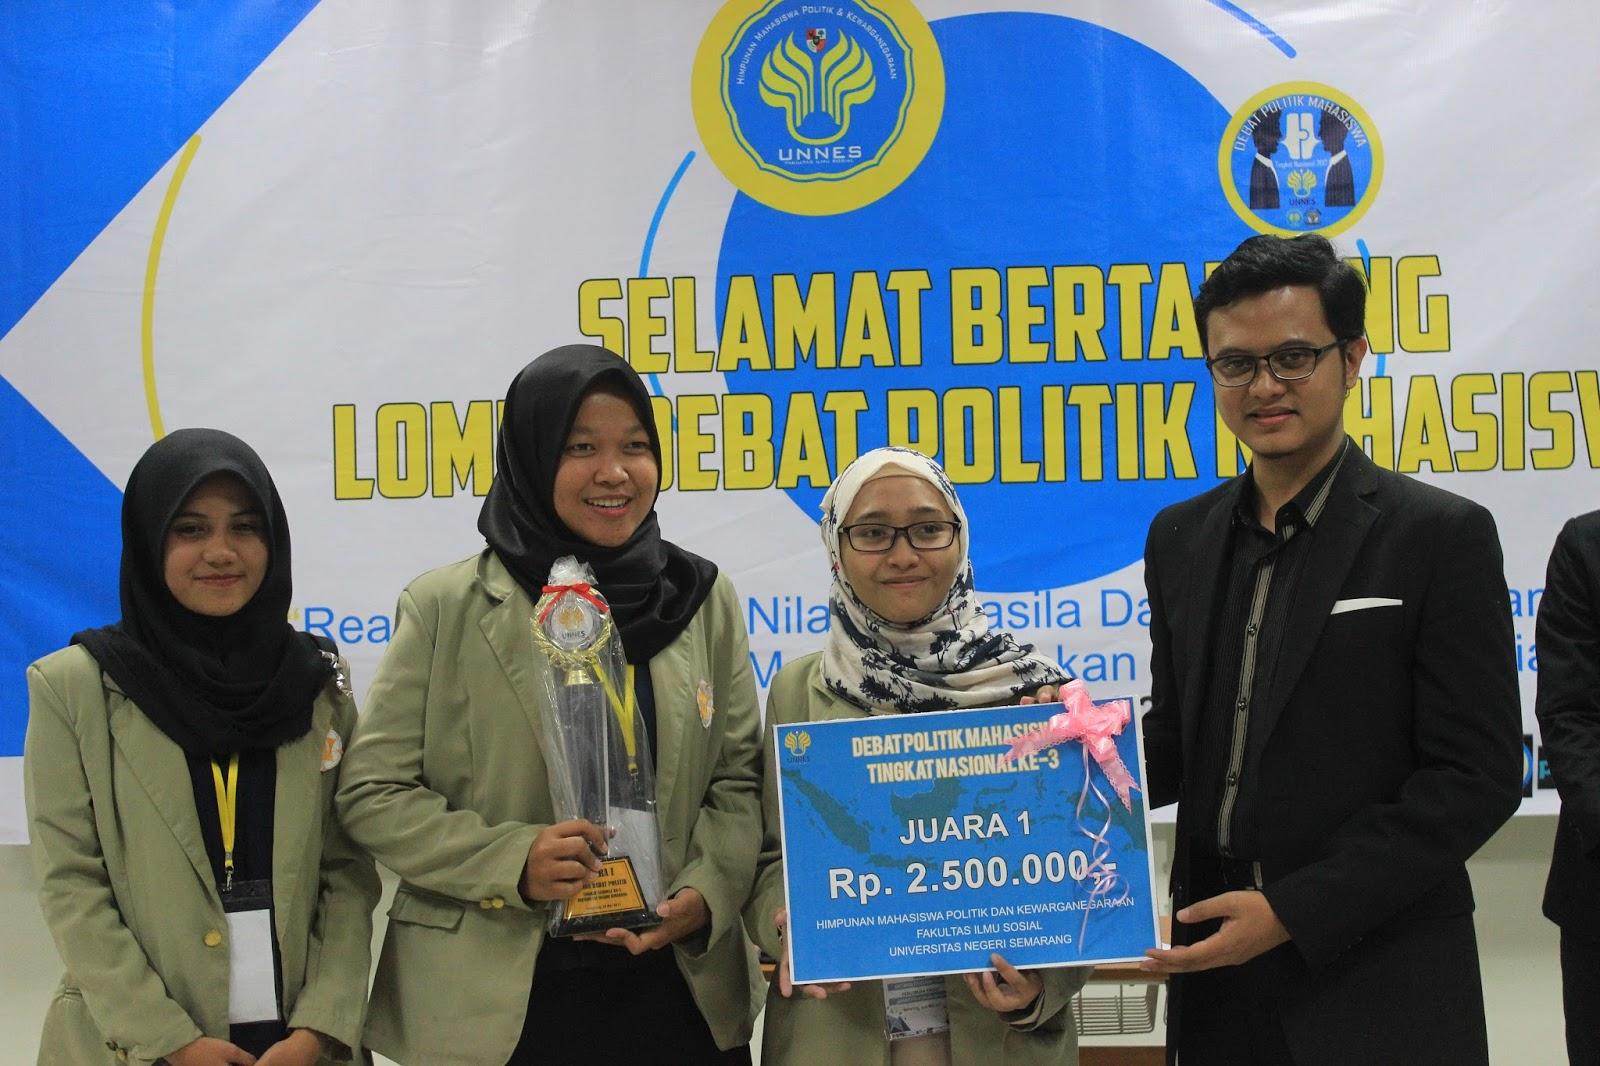 Juara Debat Politik Mahasiswa Tingkat Nasional